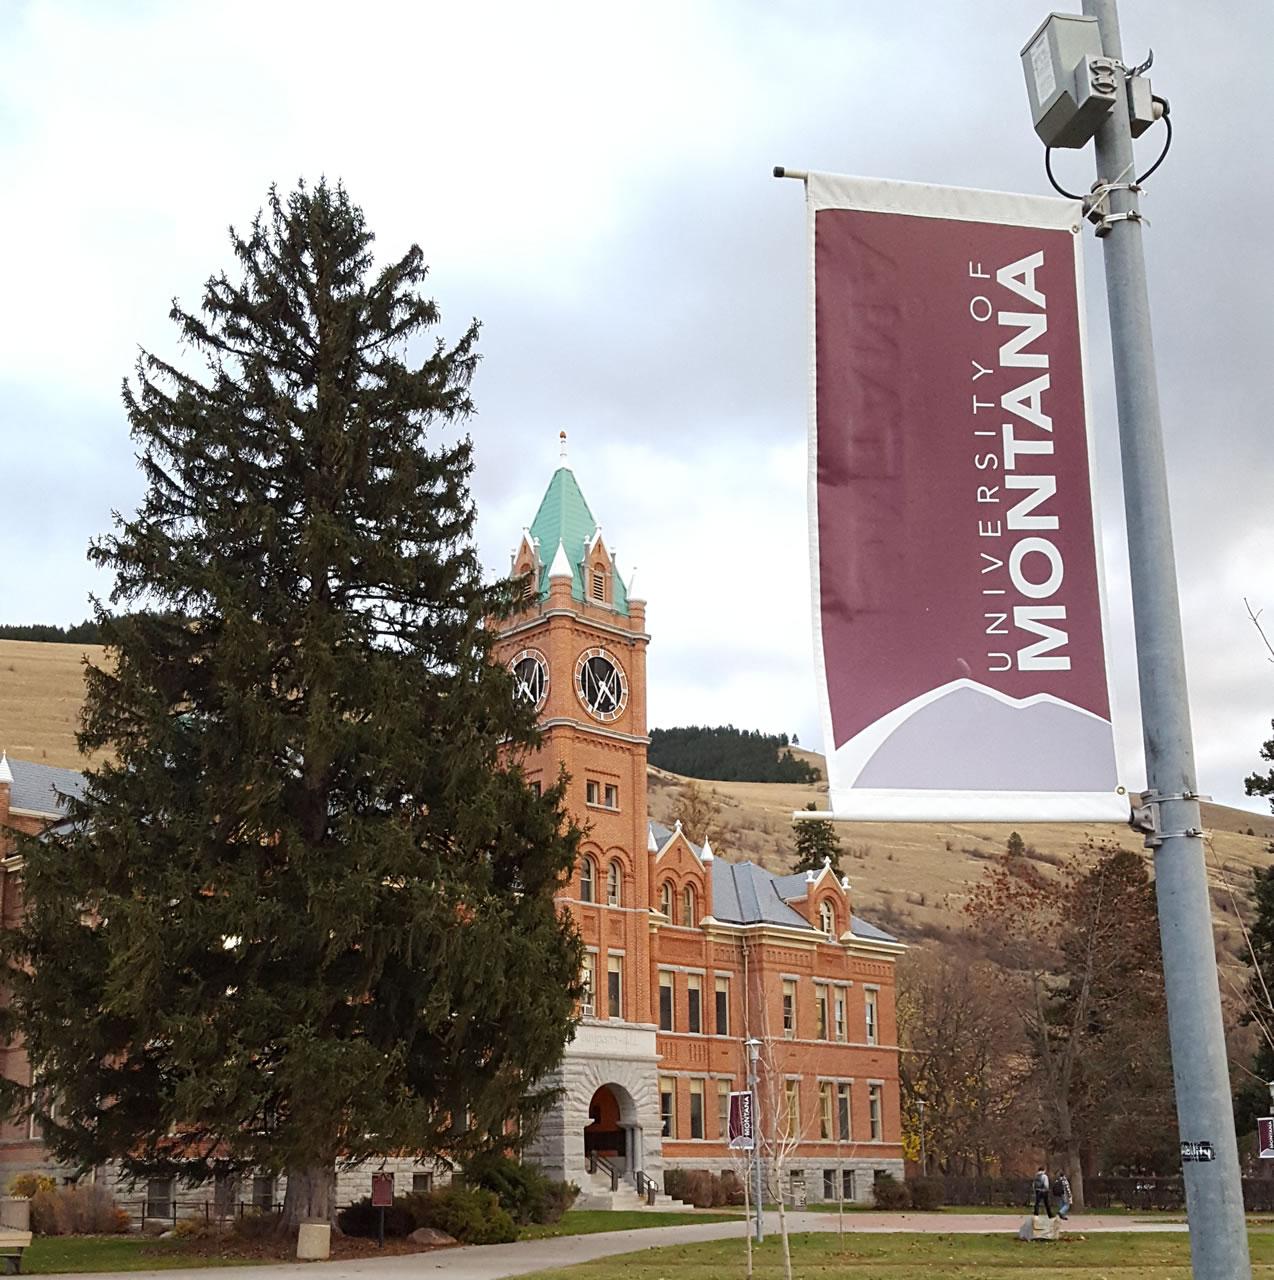 Regents Approve 2 Percent Raises For Top Montana Administrators